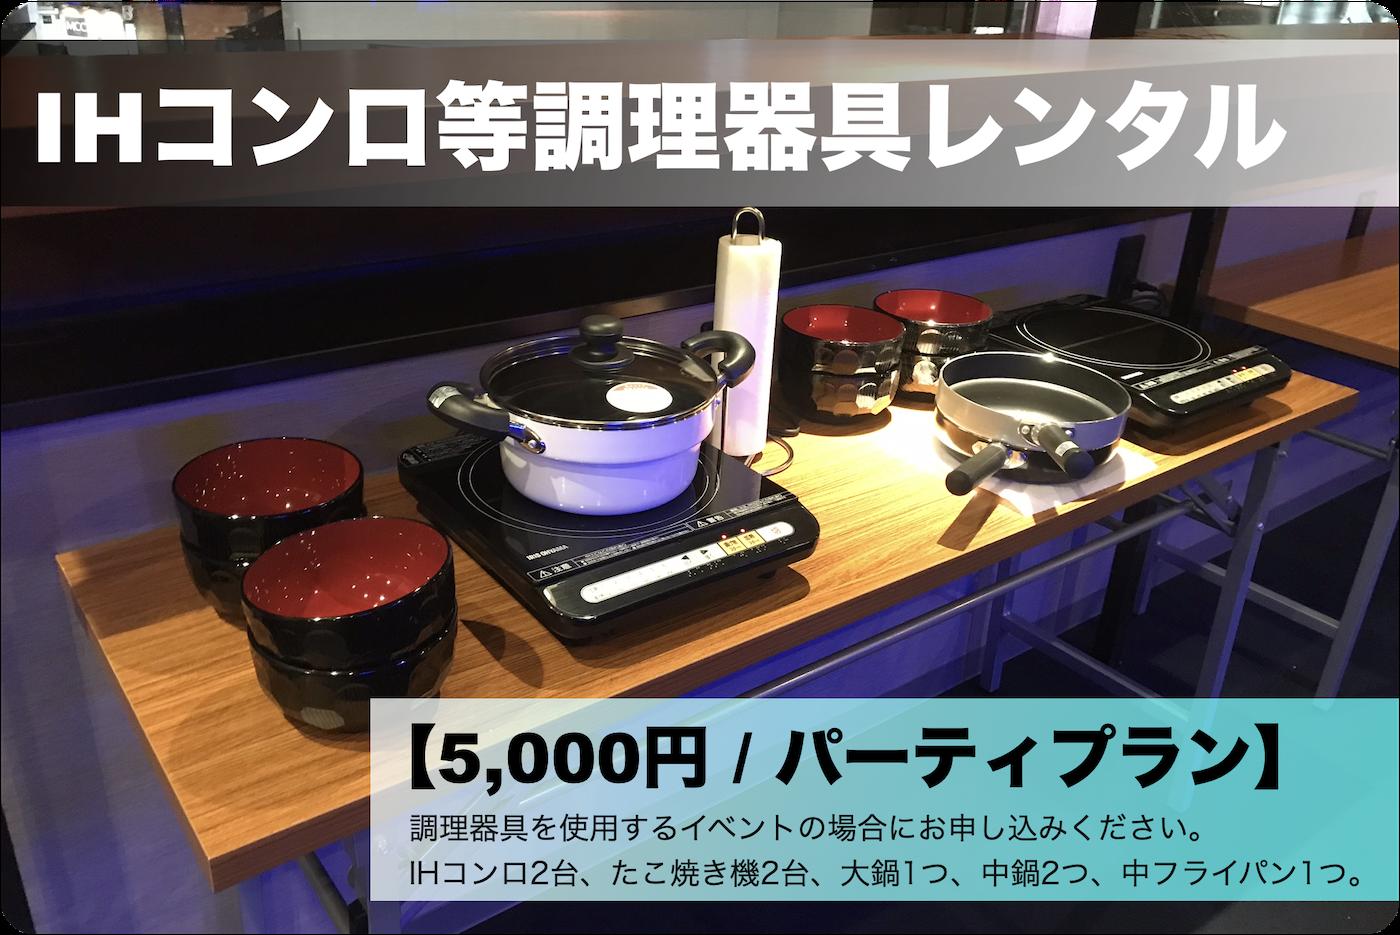 IHコンロ等調理器具レンタル